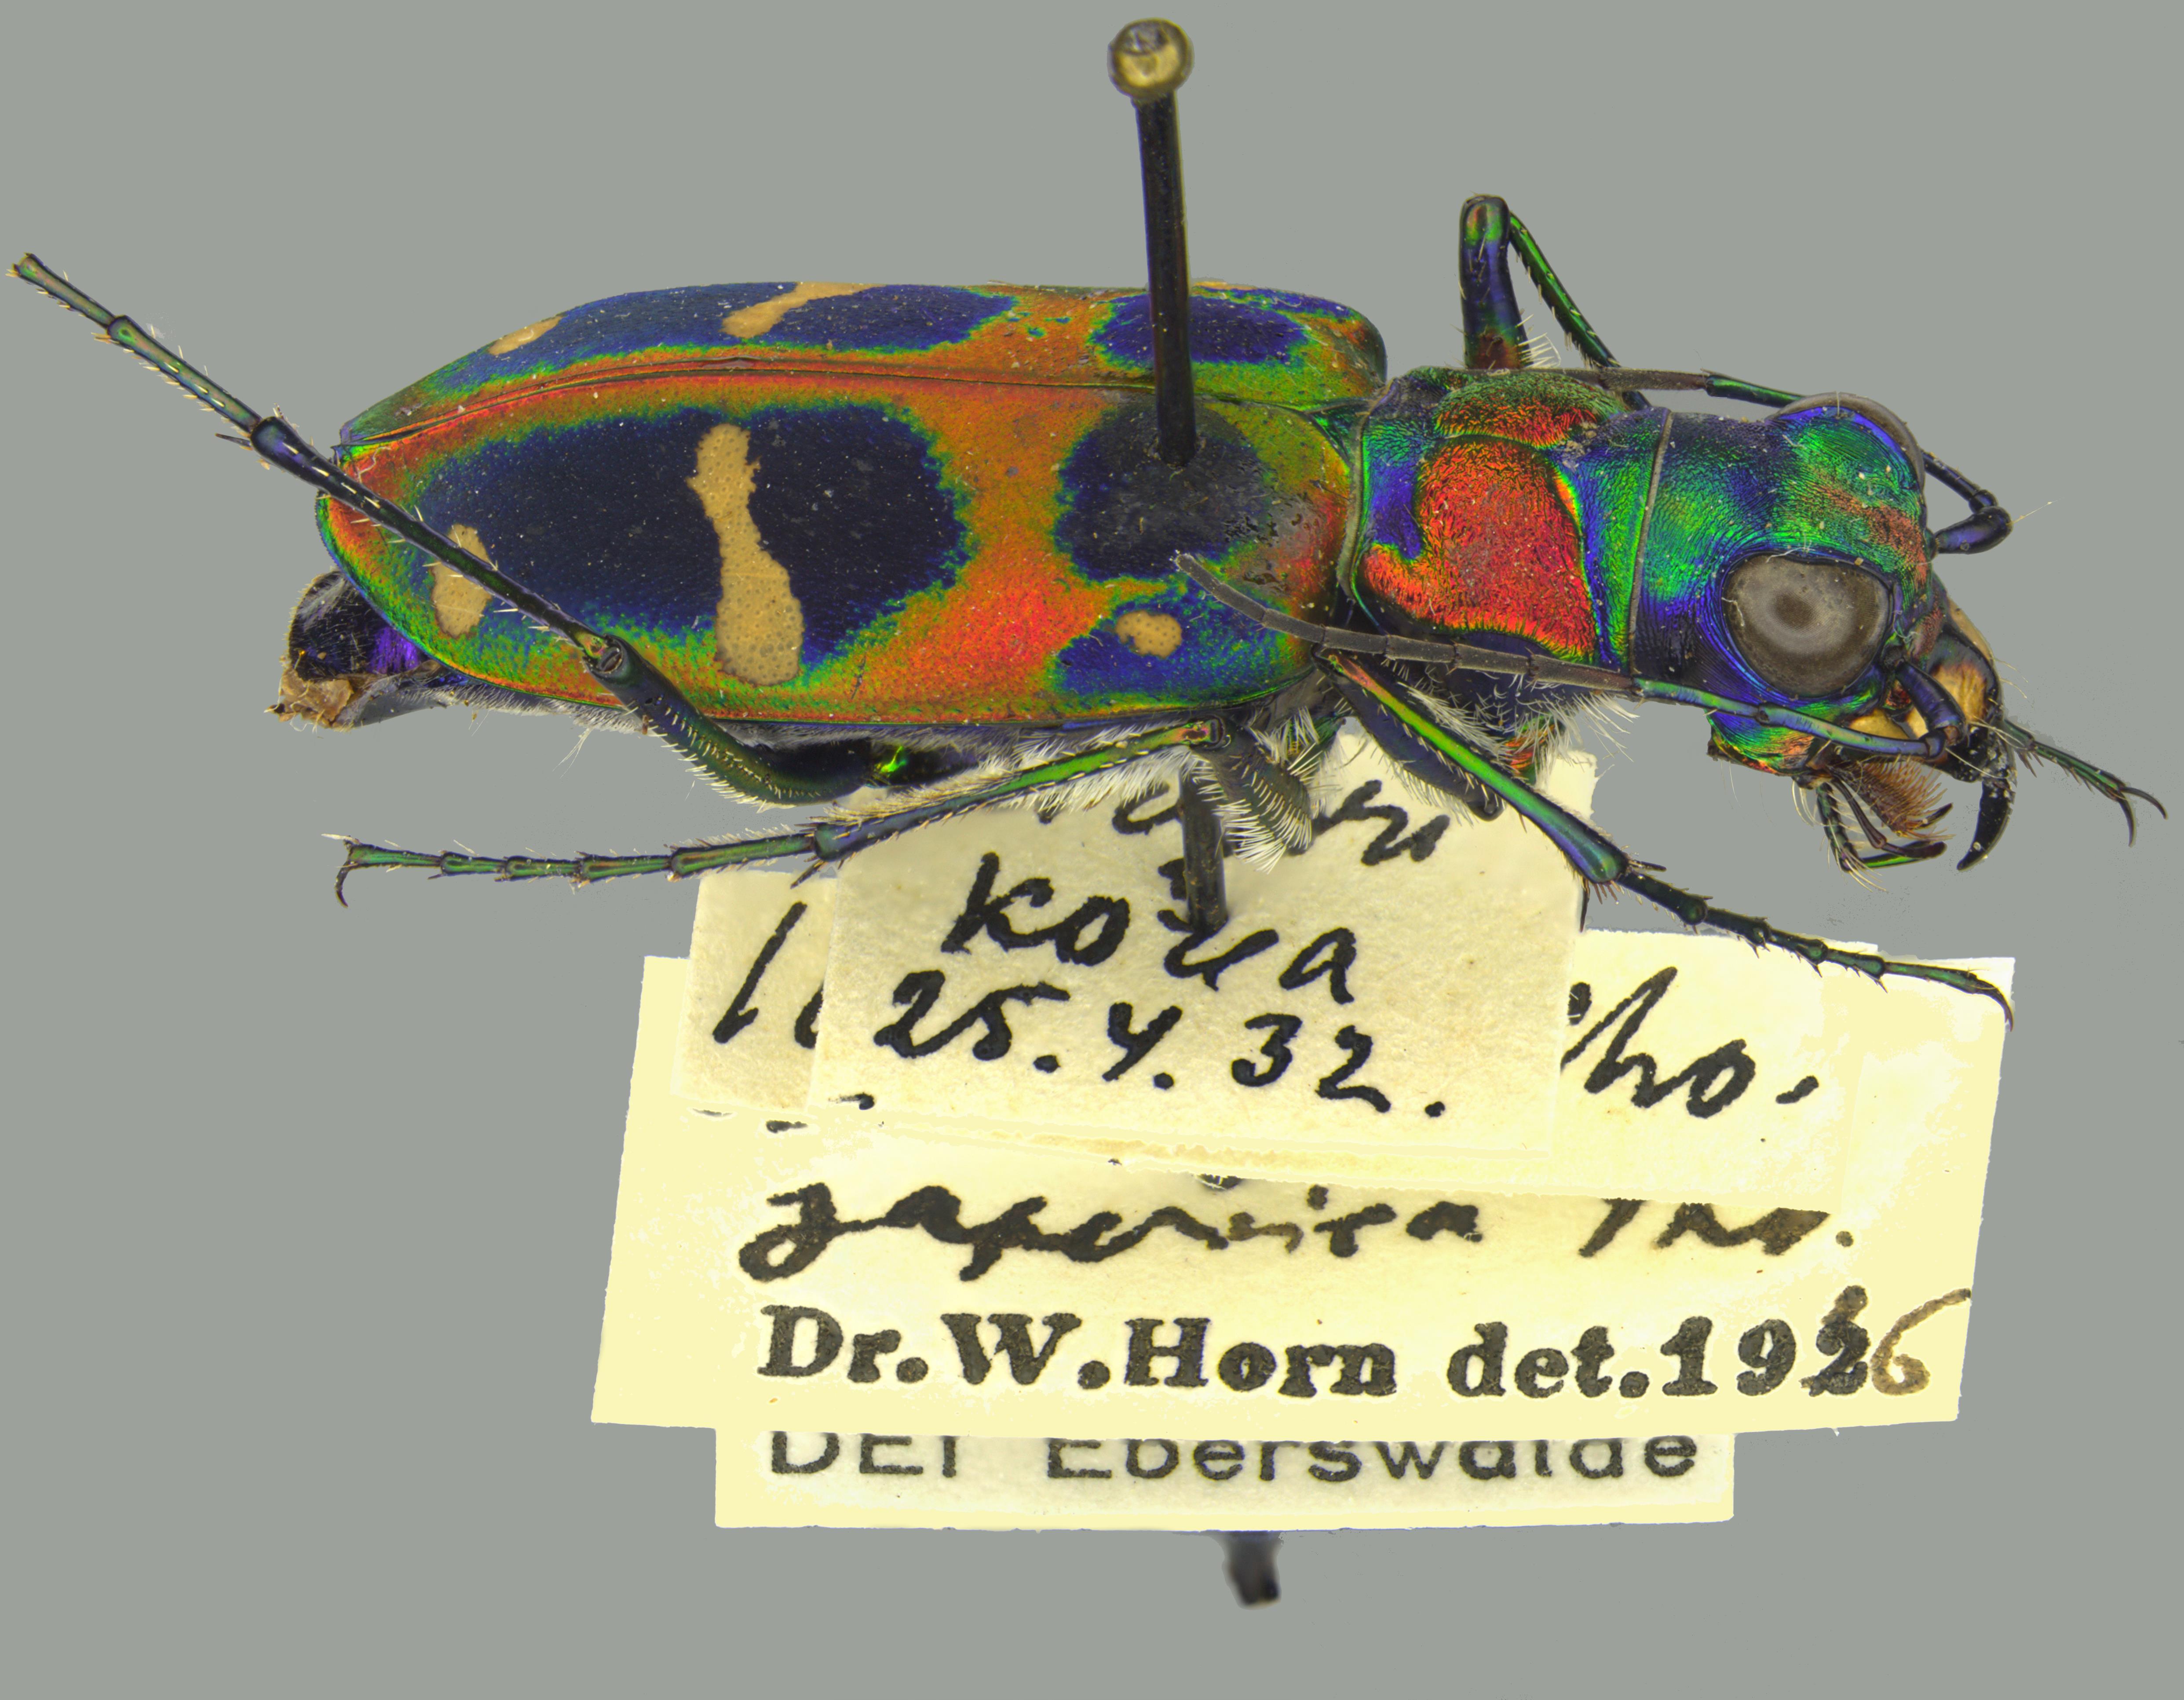 SDEI Kustodiat Coleoptera